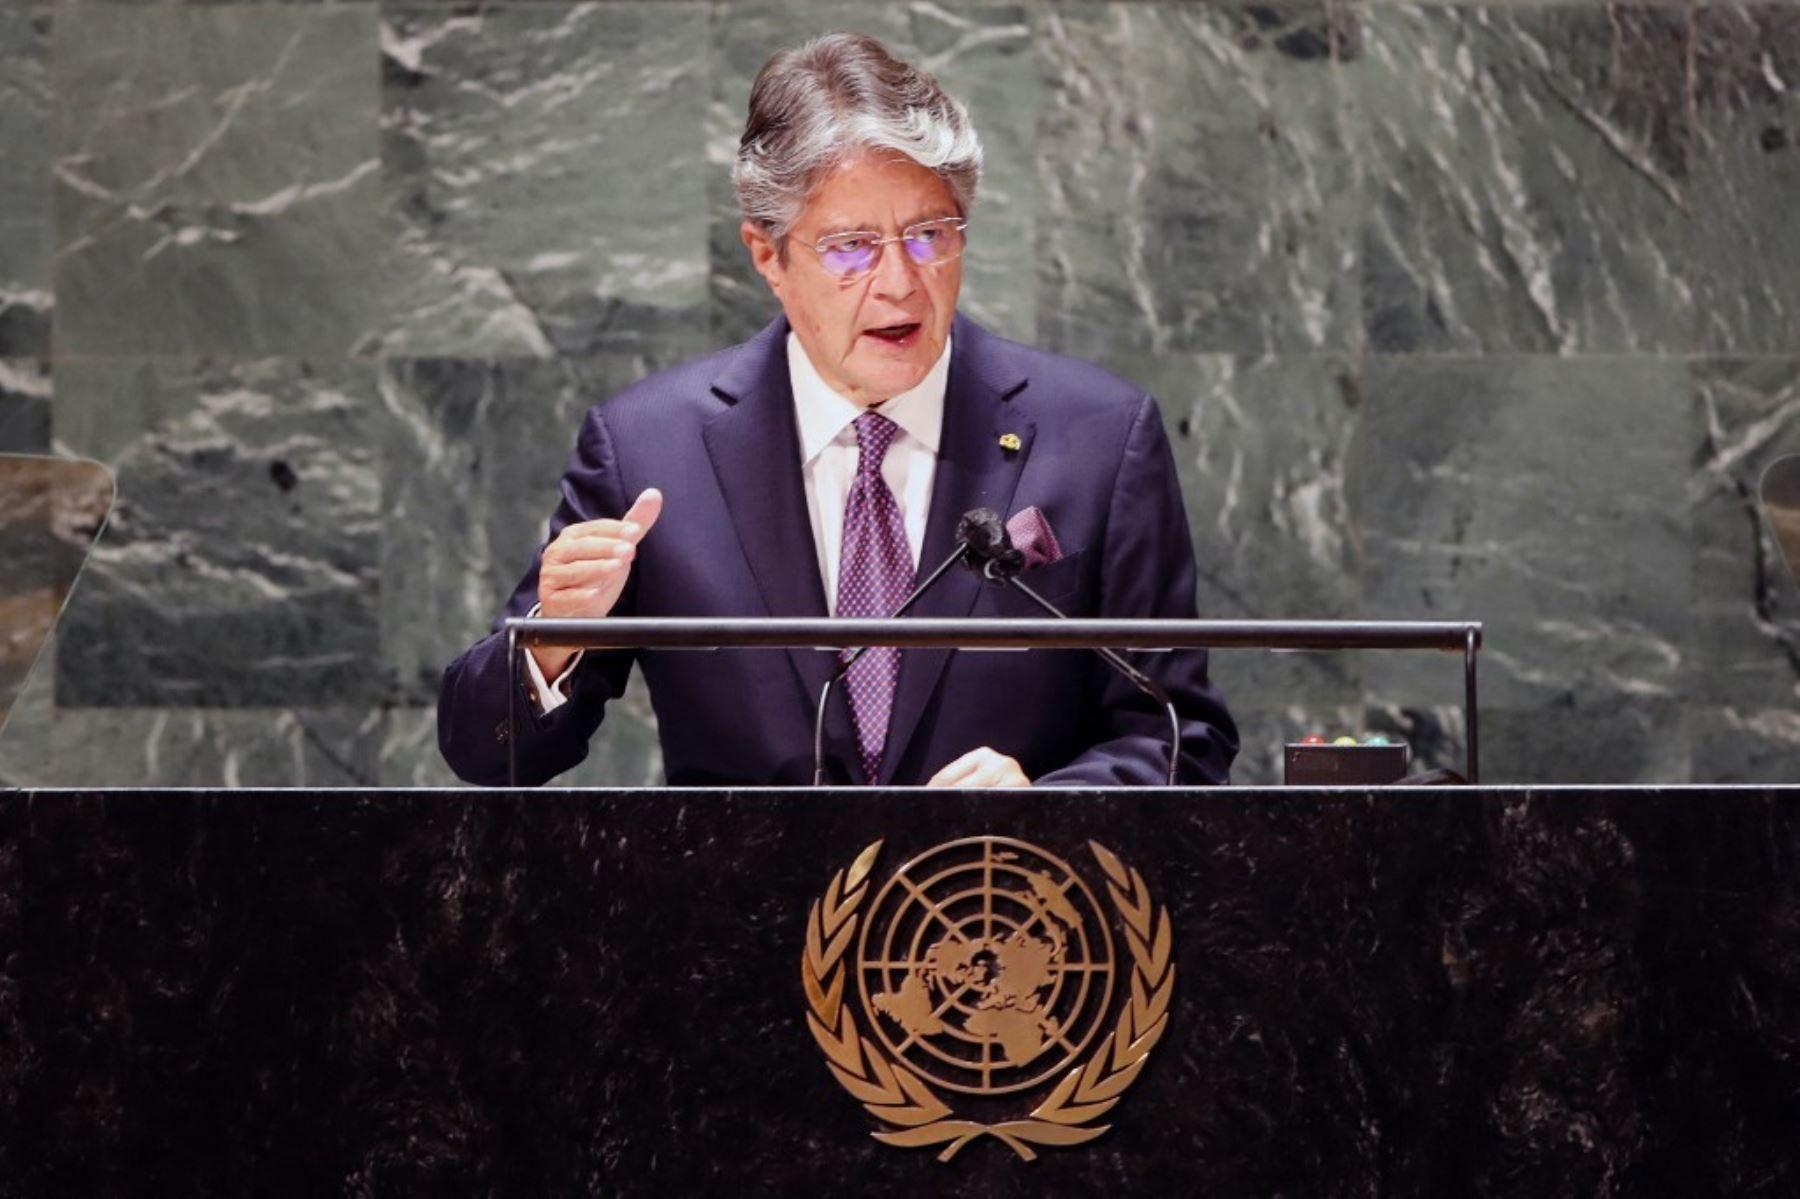 El presidente de Ecuador, Guillermo Lasso, se dirige al 76 ° período de sesiones de la Asamblea General de la ONU (AGNU) el 21 de septiembre de 2021 en Nueva York. Foto: AFP